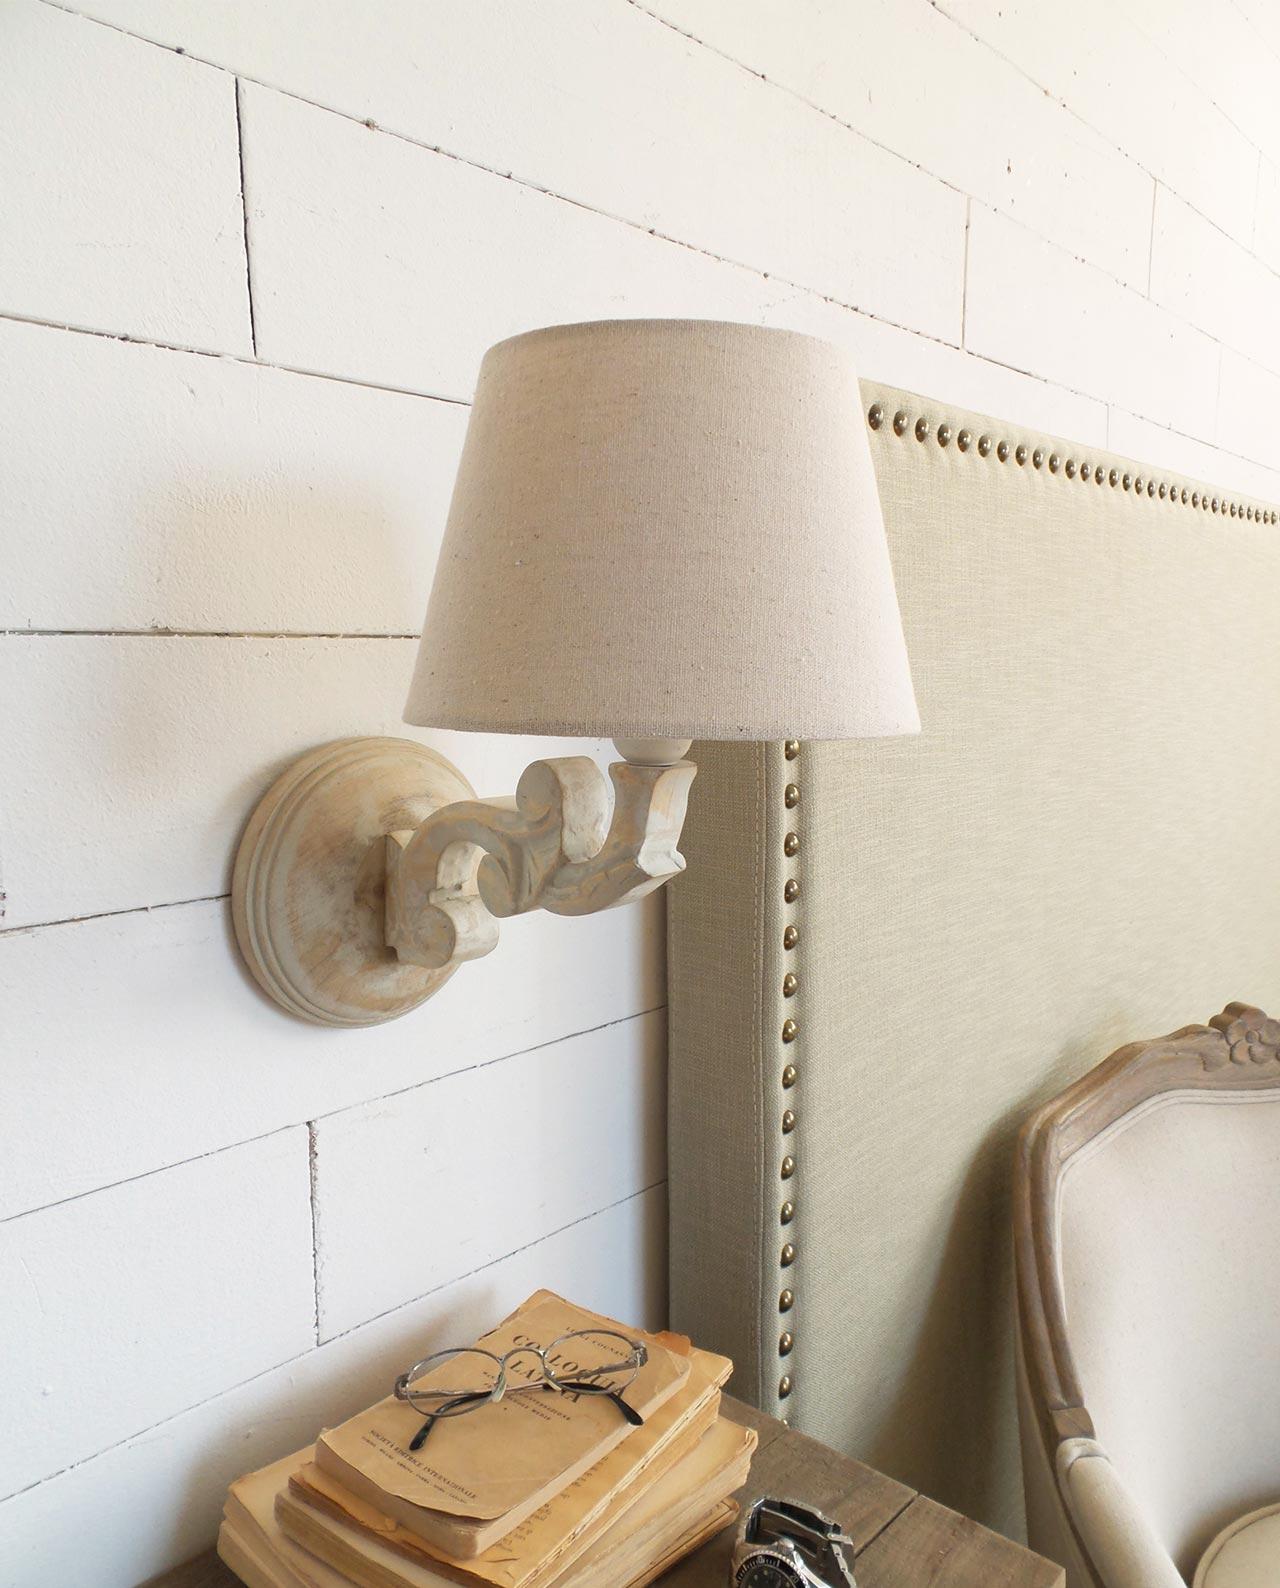 Lampade da parete applique legno set 2 pezzi mobilia for Applique da parete legno